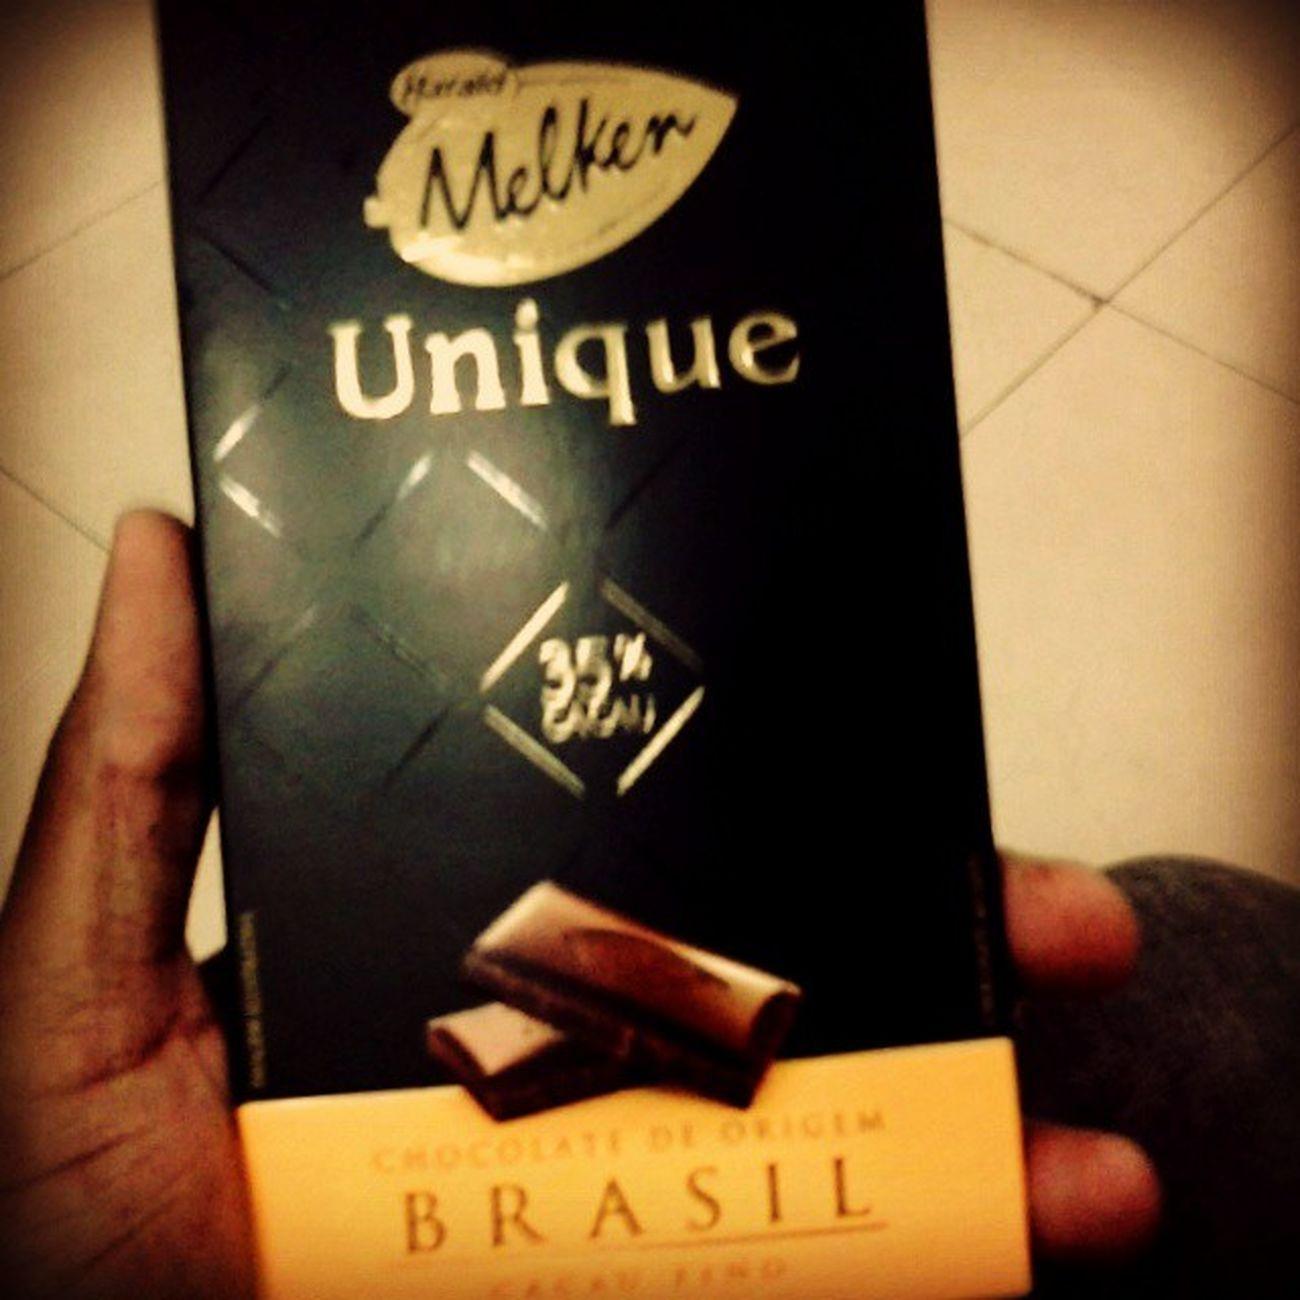 Chocolate Fino Ostentação Rsrsrs Cacau Doce Degustar Candy Coisa_de_podre Não sou chocolatra, mas esse chocolate é top.